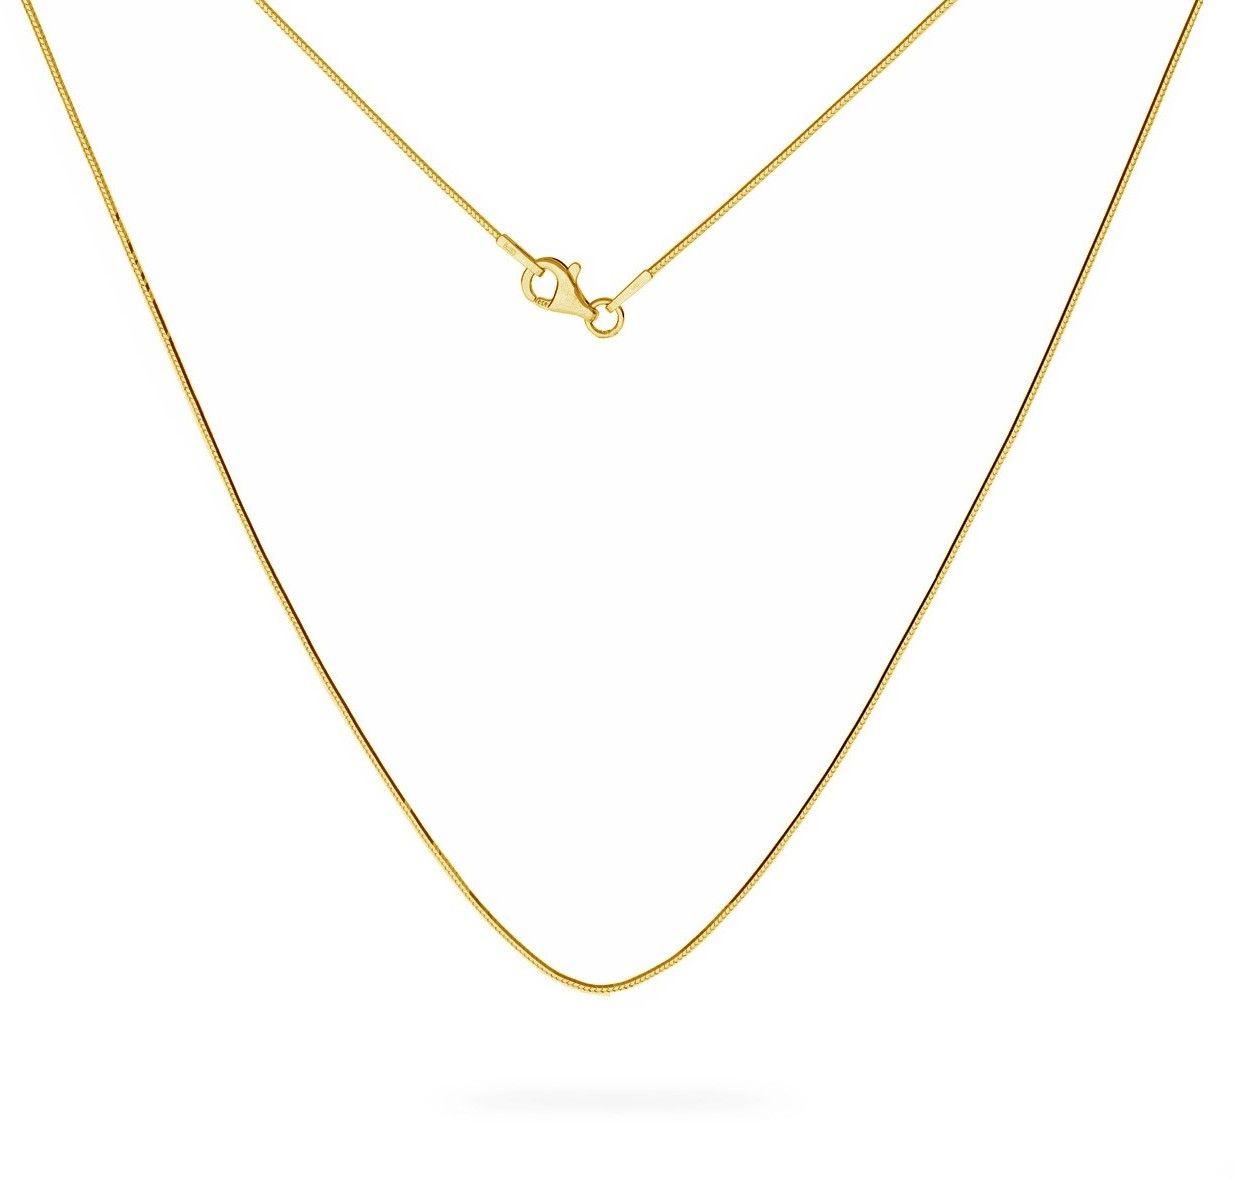 Srebrny łańcuszek linka diamentowana, srebro 925 : Długość (cm) - 45, Srebro - kolor pokrycia - Pokrycie żółtym 18K złotem